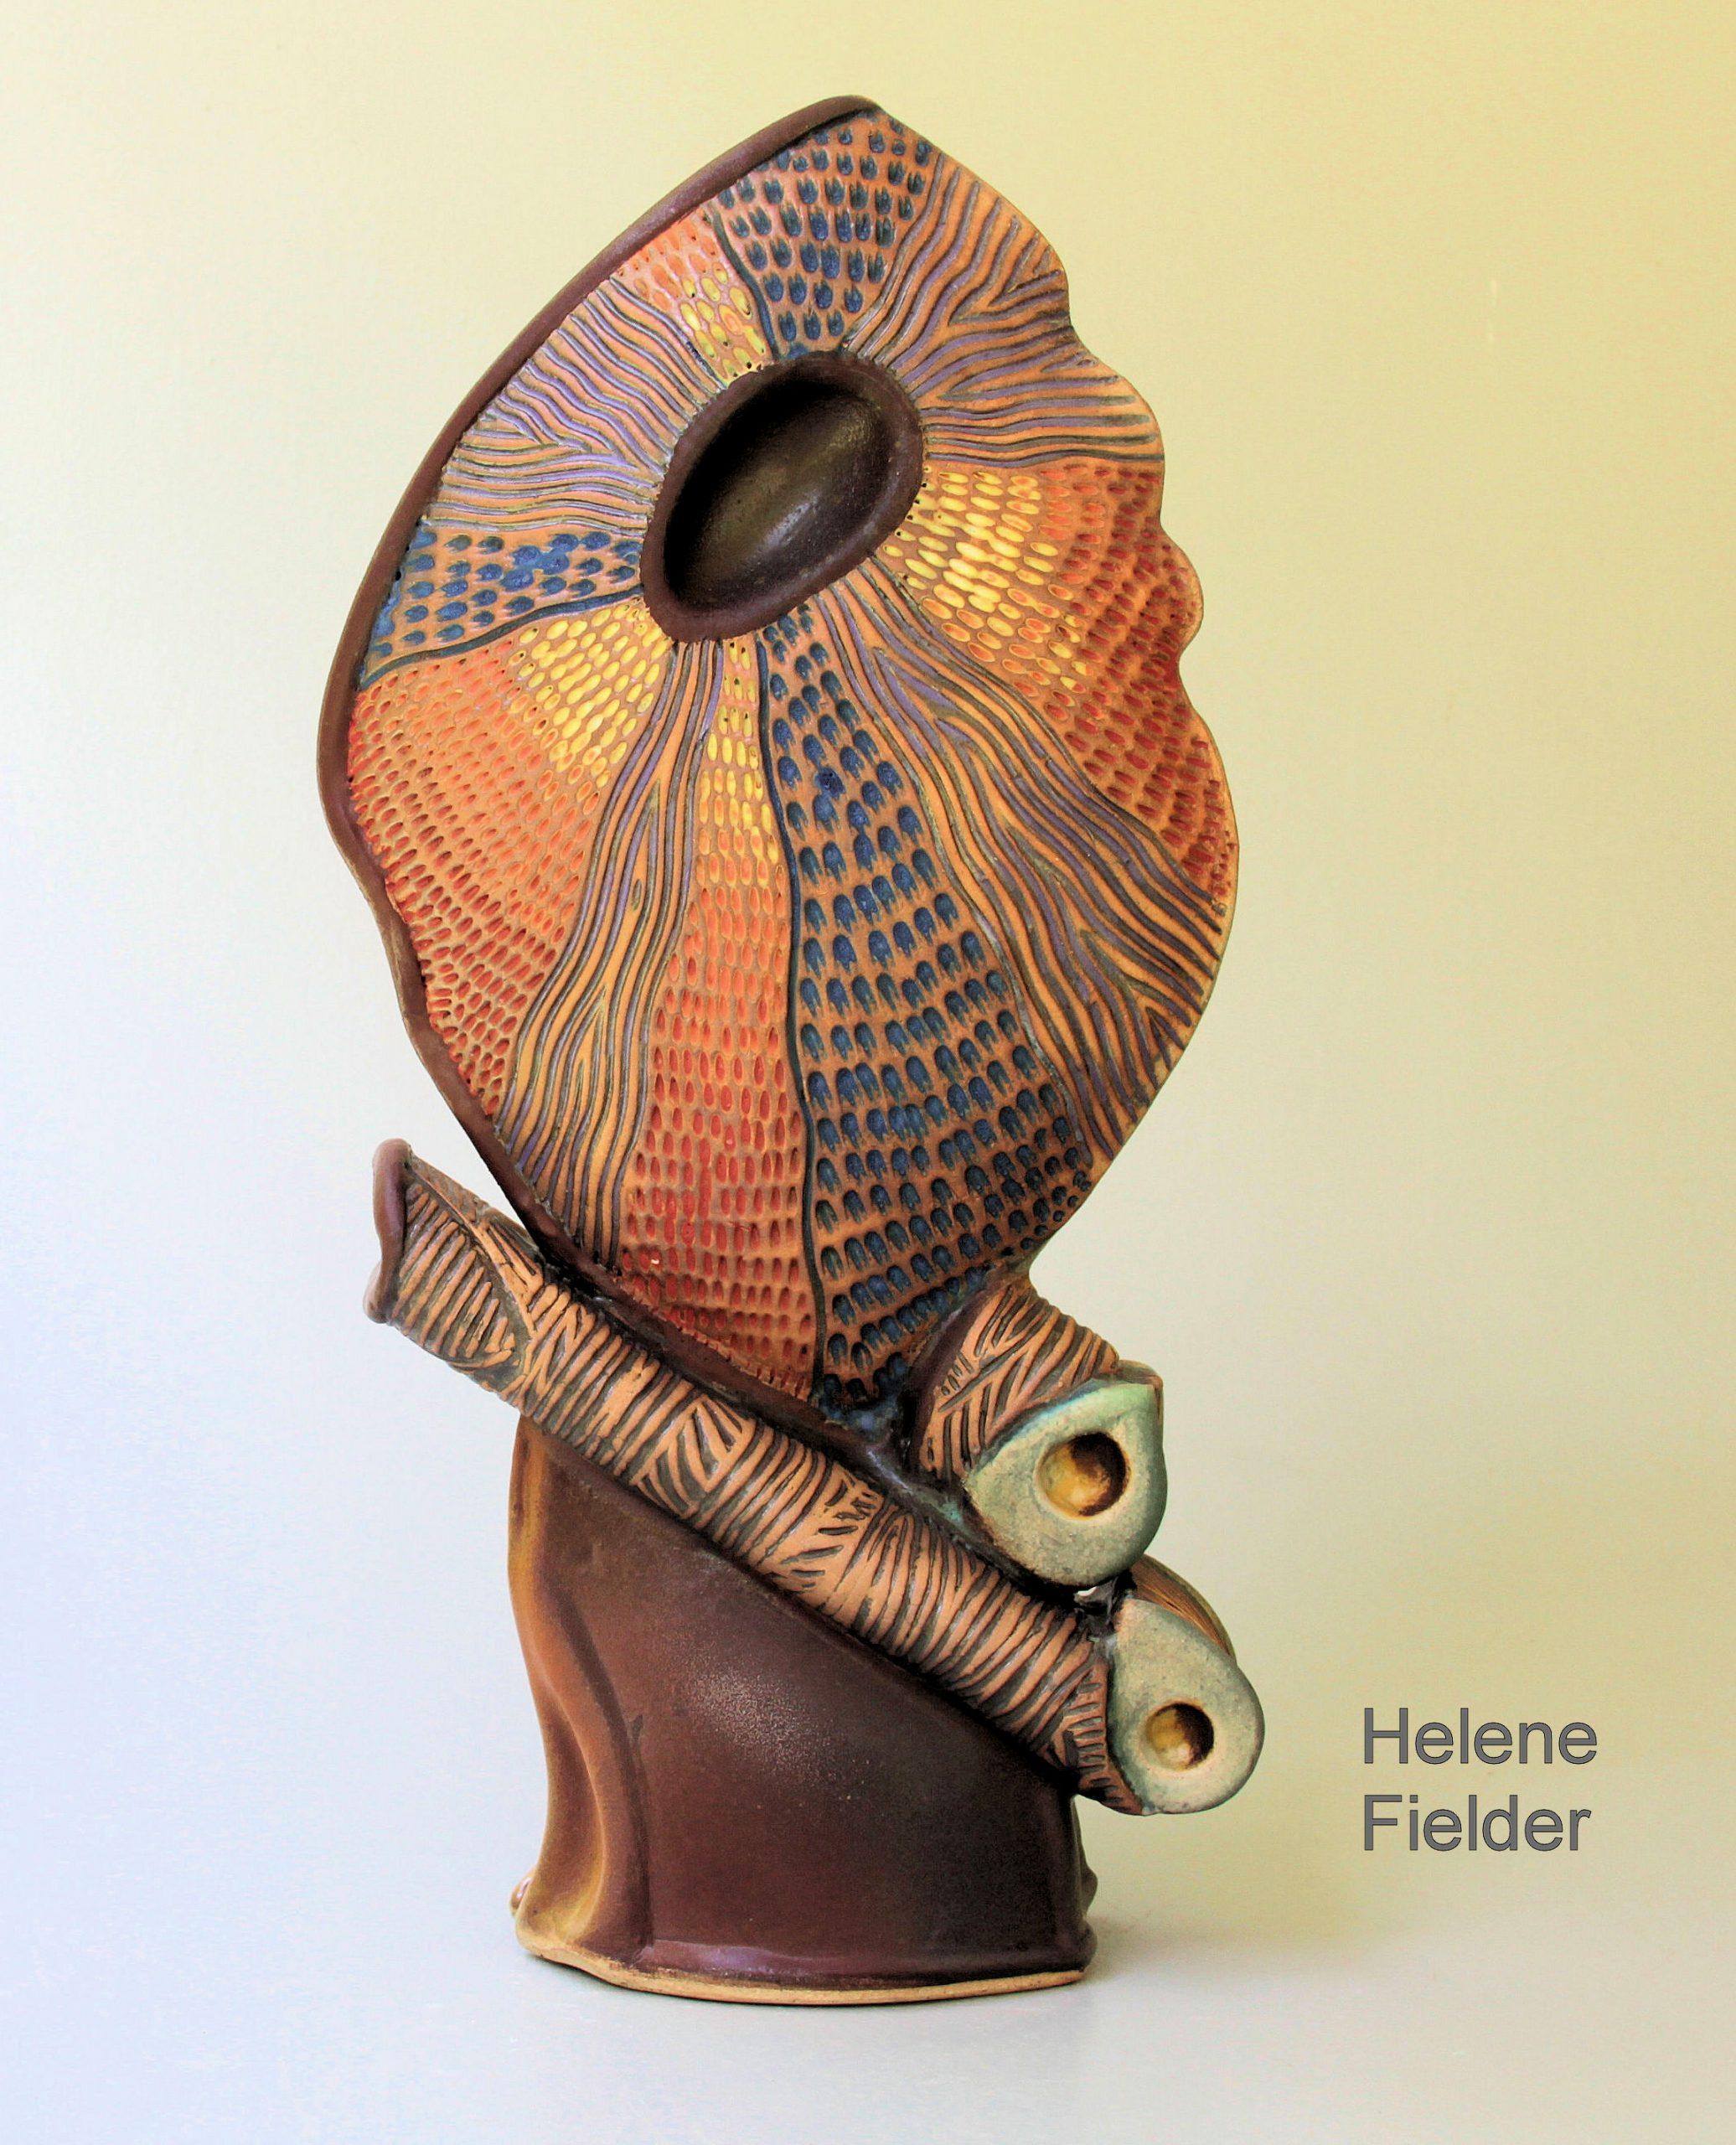 Aitken by Helene Fielder